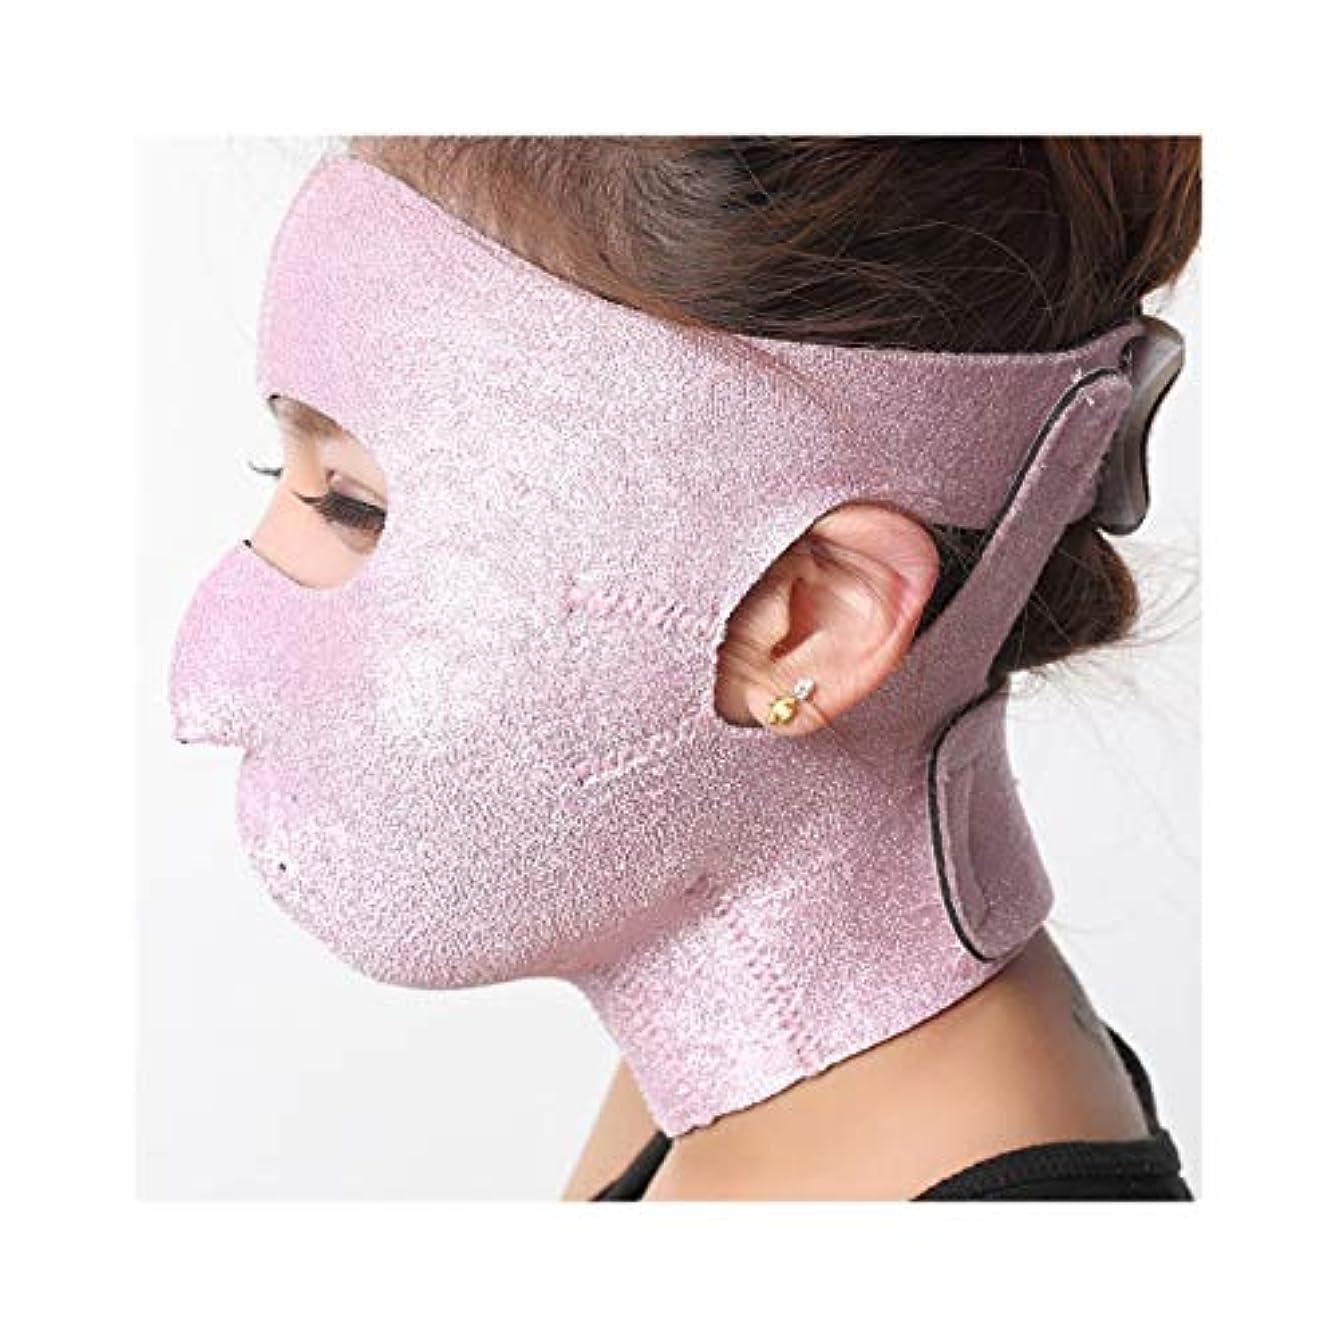 スティーブンソン細部飛行場TLMY 引き締めマスク小さなVフェイスアーティファクト睡眠薄いフェイス包帯マスクと引き締めマスク引き締めクリームフェイスリフトフェイスメロン 顔用整形マスク